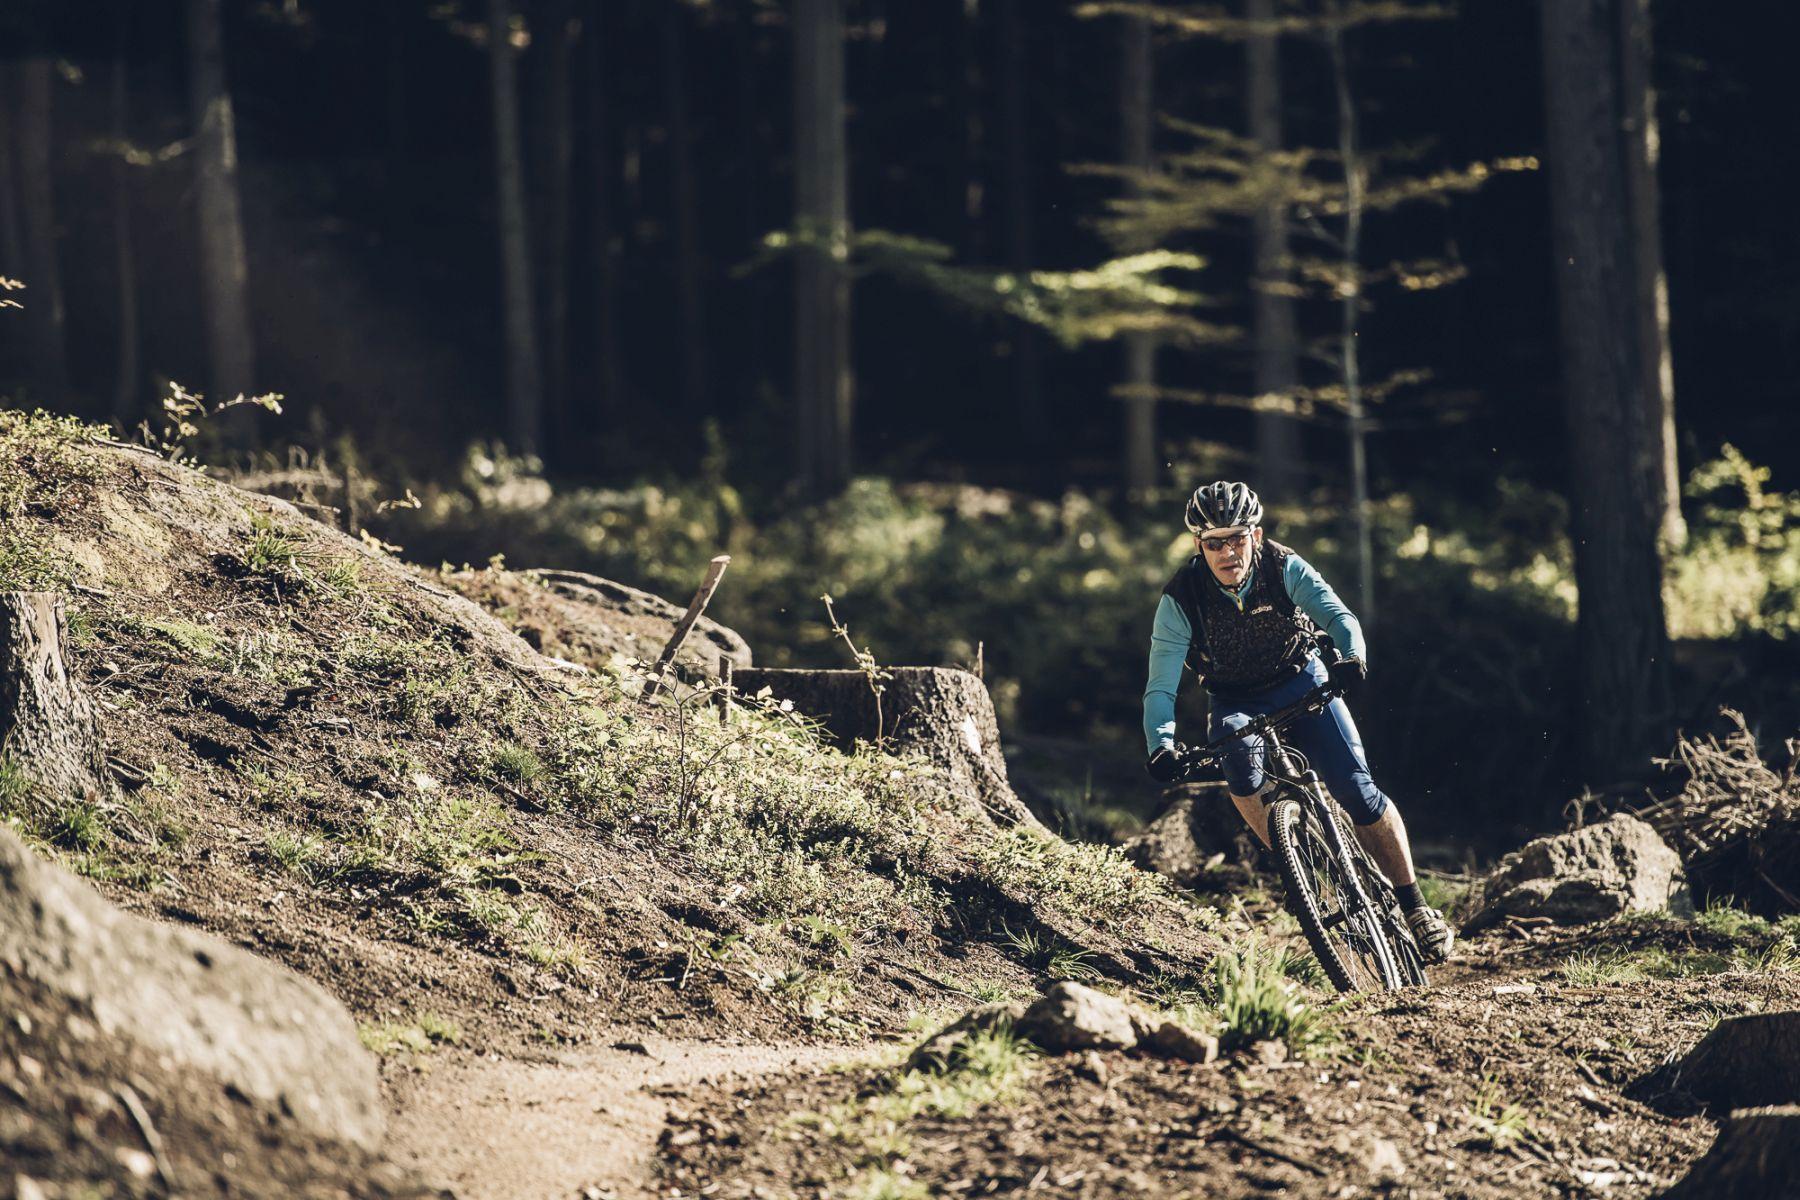 Przetestuj za darmo najnowocześniejsze rowery, w tym Mai Włoszczowskiej